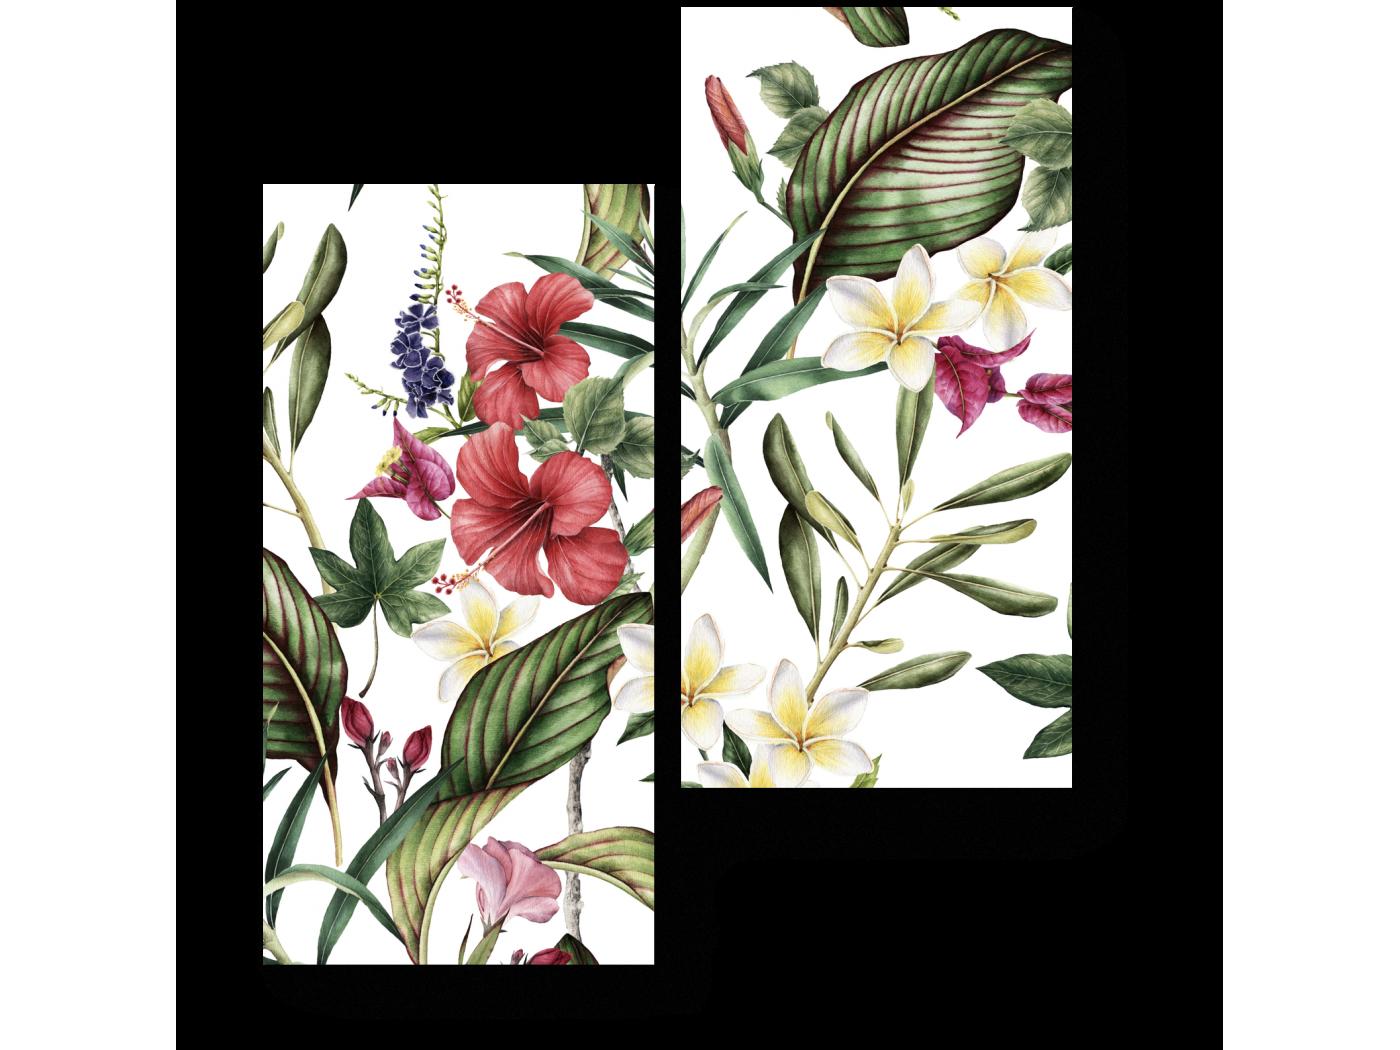 Модульная картина Тропическая флора (40x50) фото